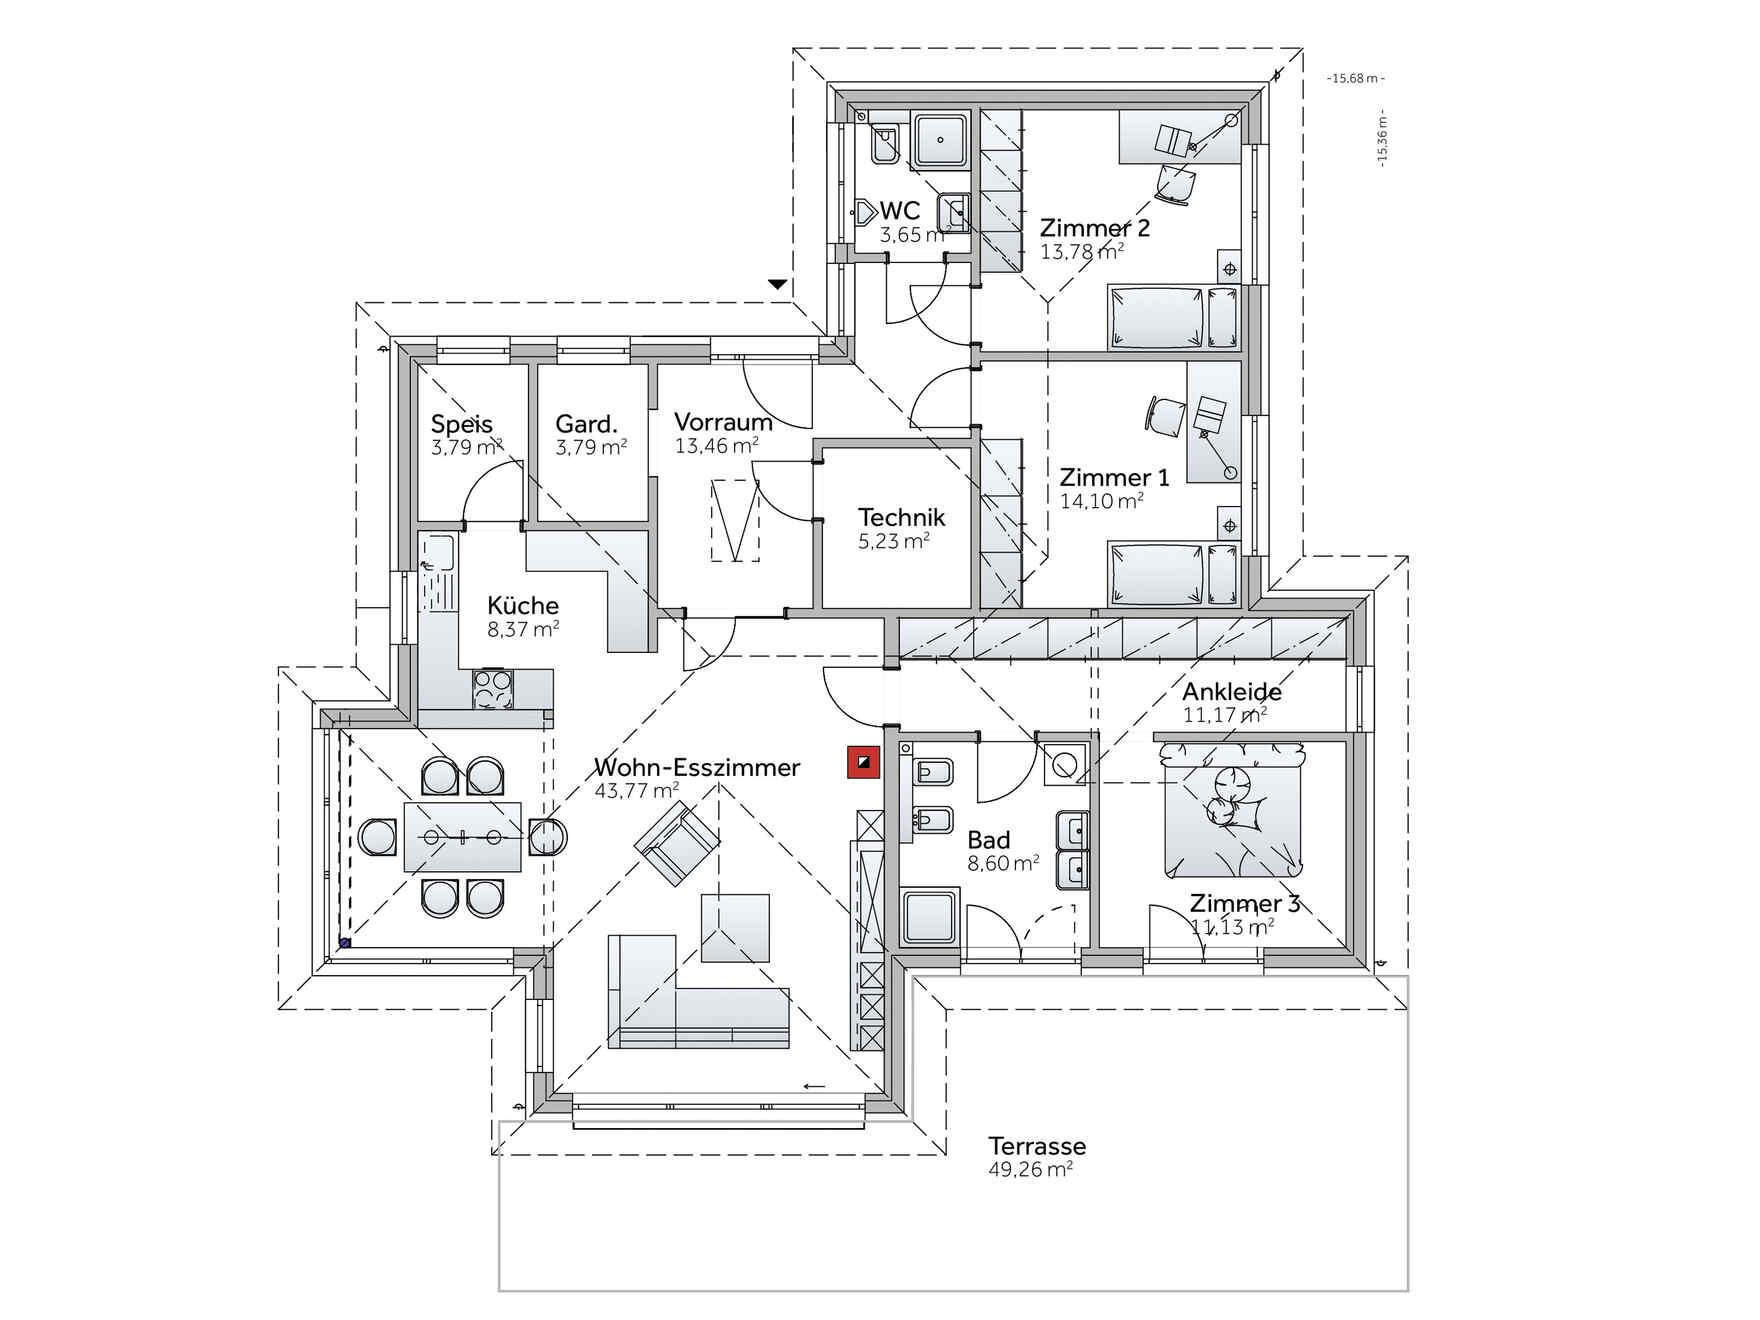 Musterhaus bungalow  Musterhaus Bungalow S141 Graz - Besichtigung, Planung & Kauf ...